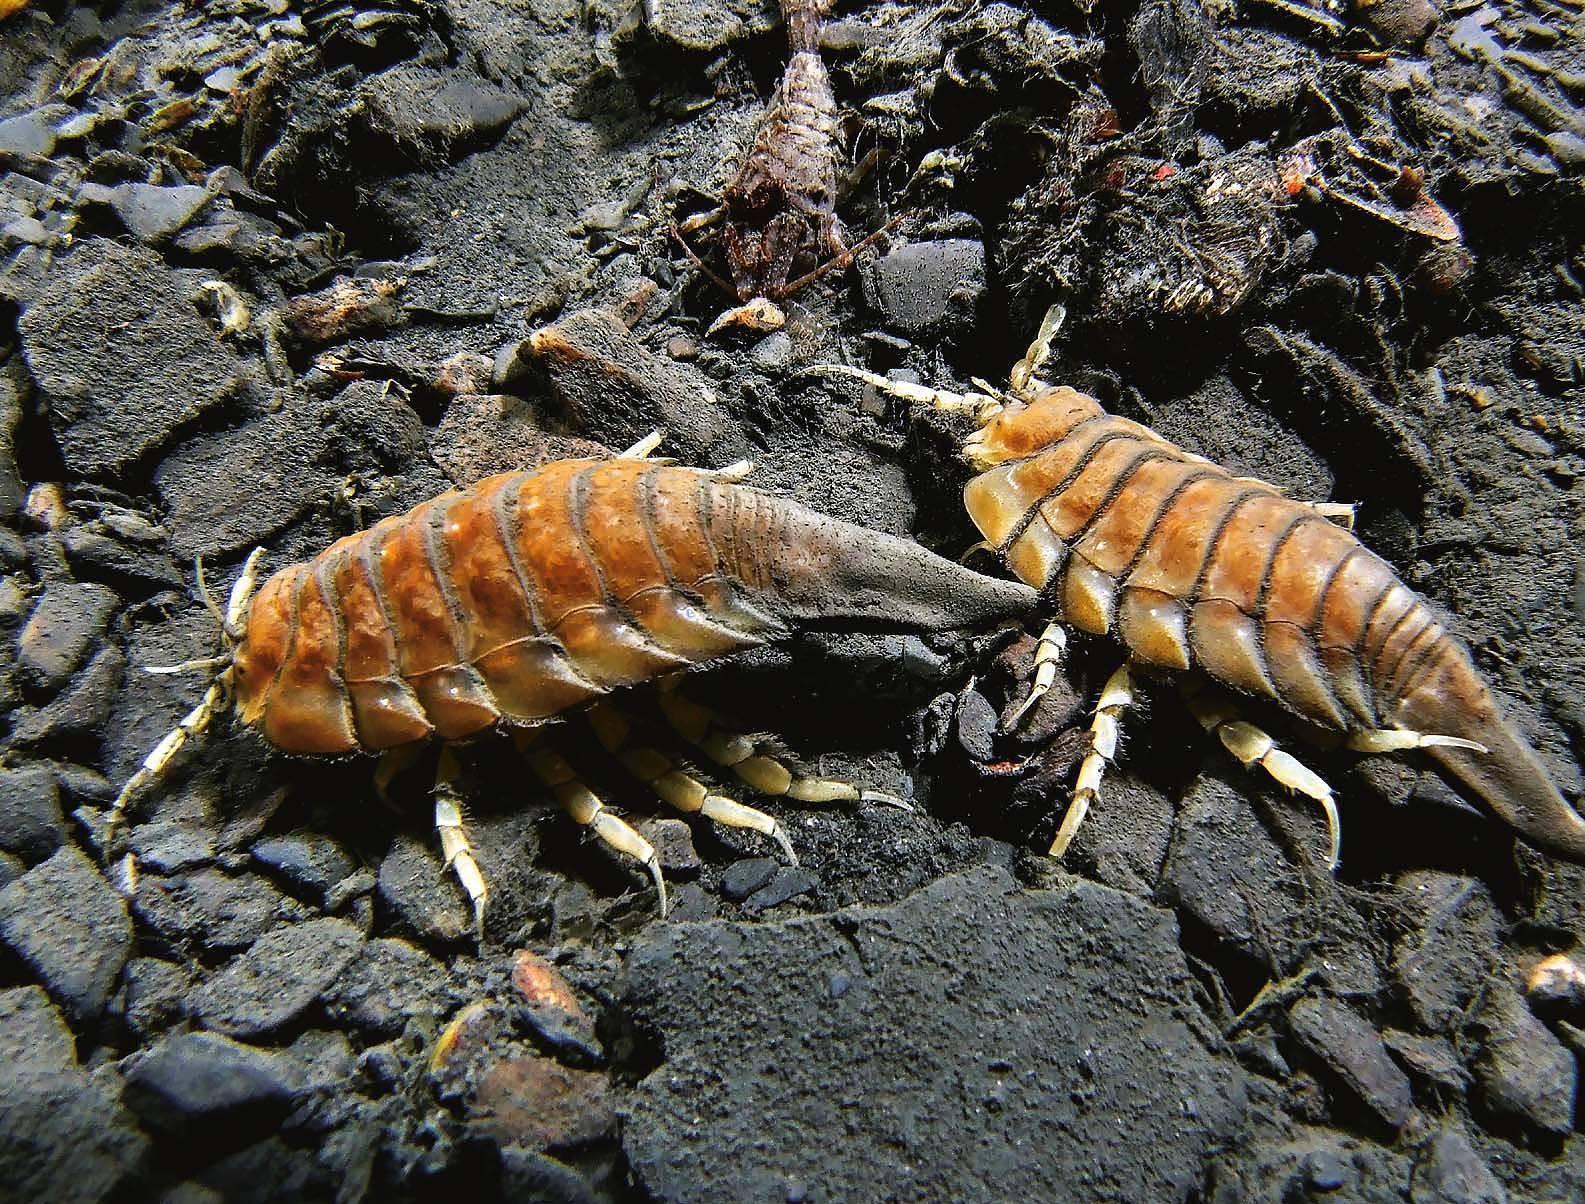 Почём «морские тараканы»? :) 10 вещей, отношение к которым кардинально изменилось за последние 100 лет! ))